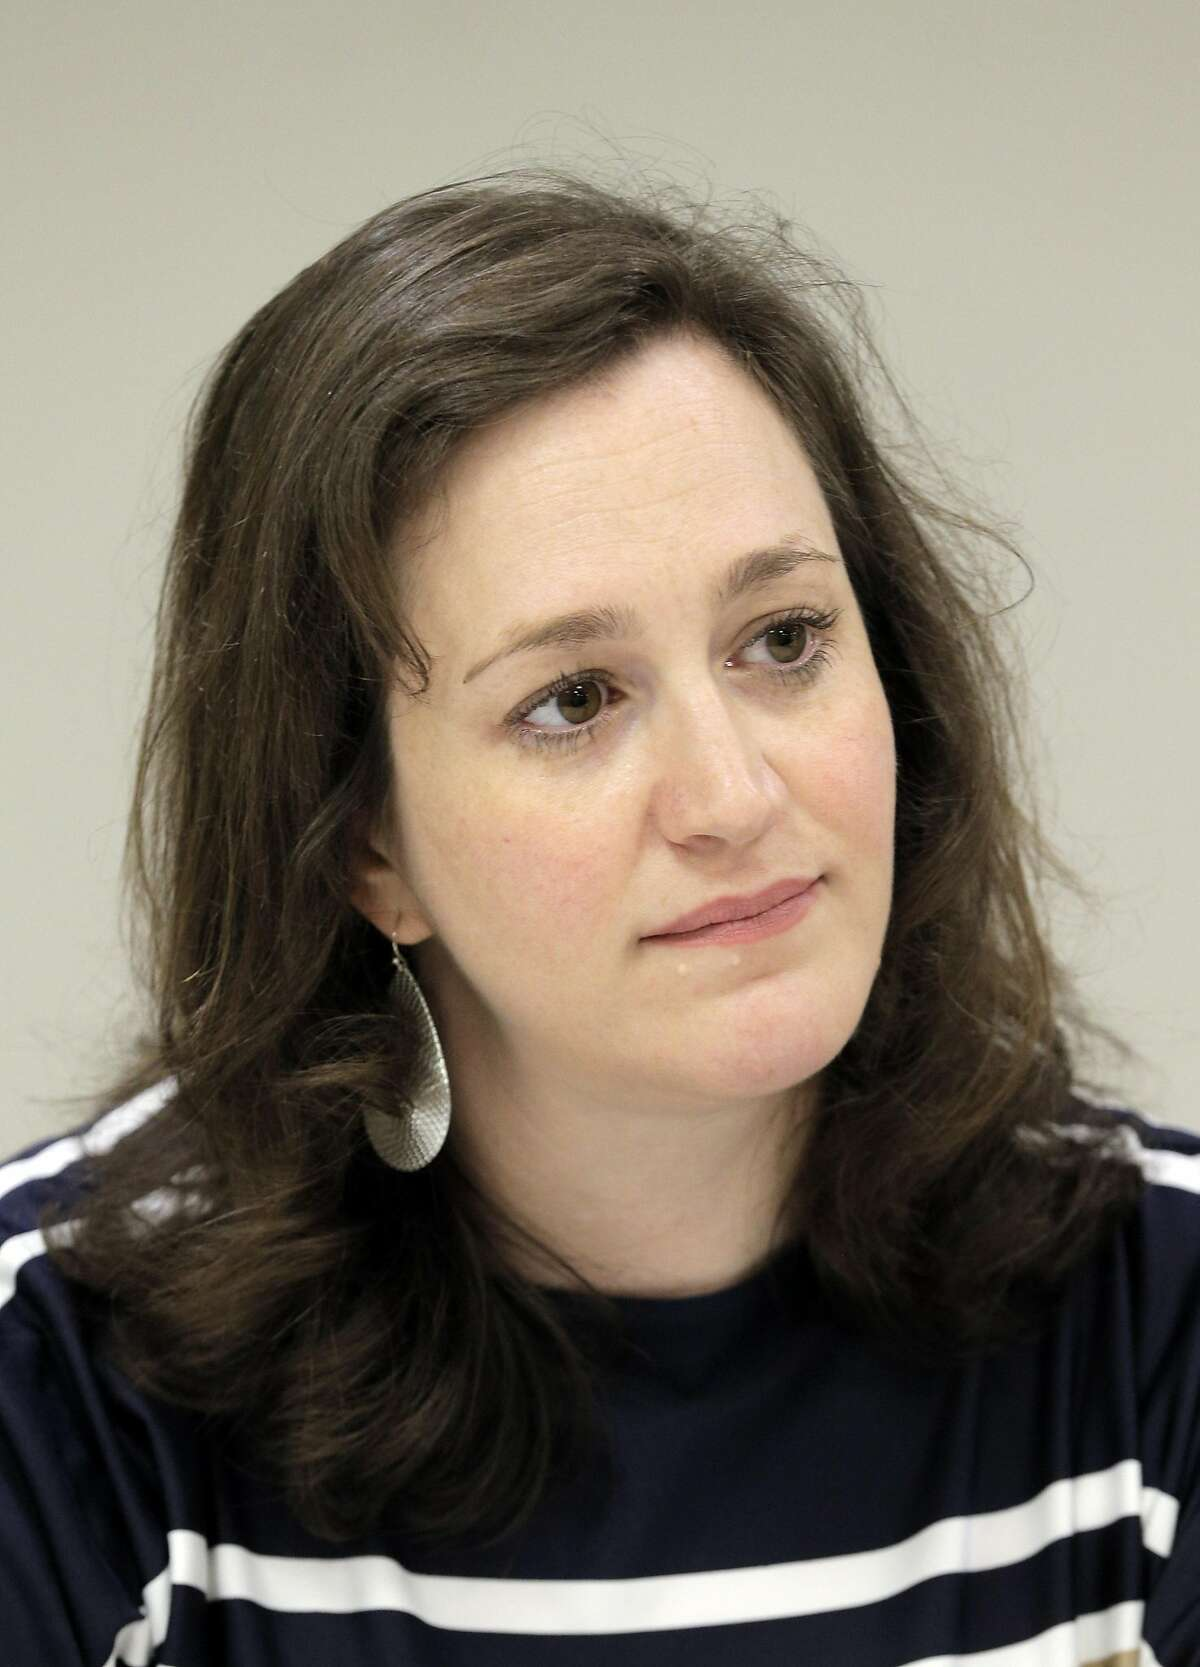 Amy Bacharach